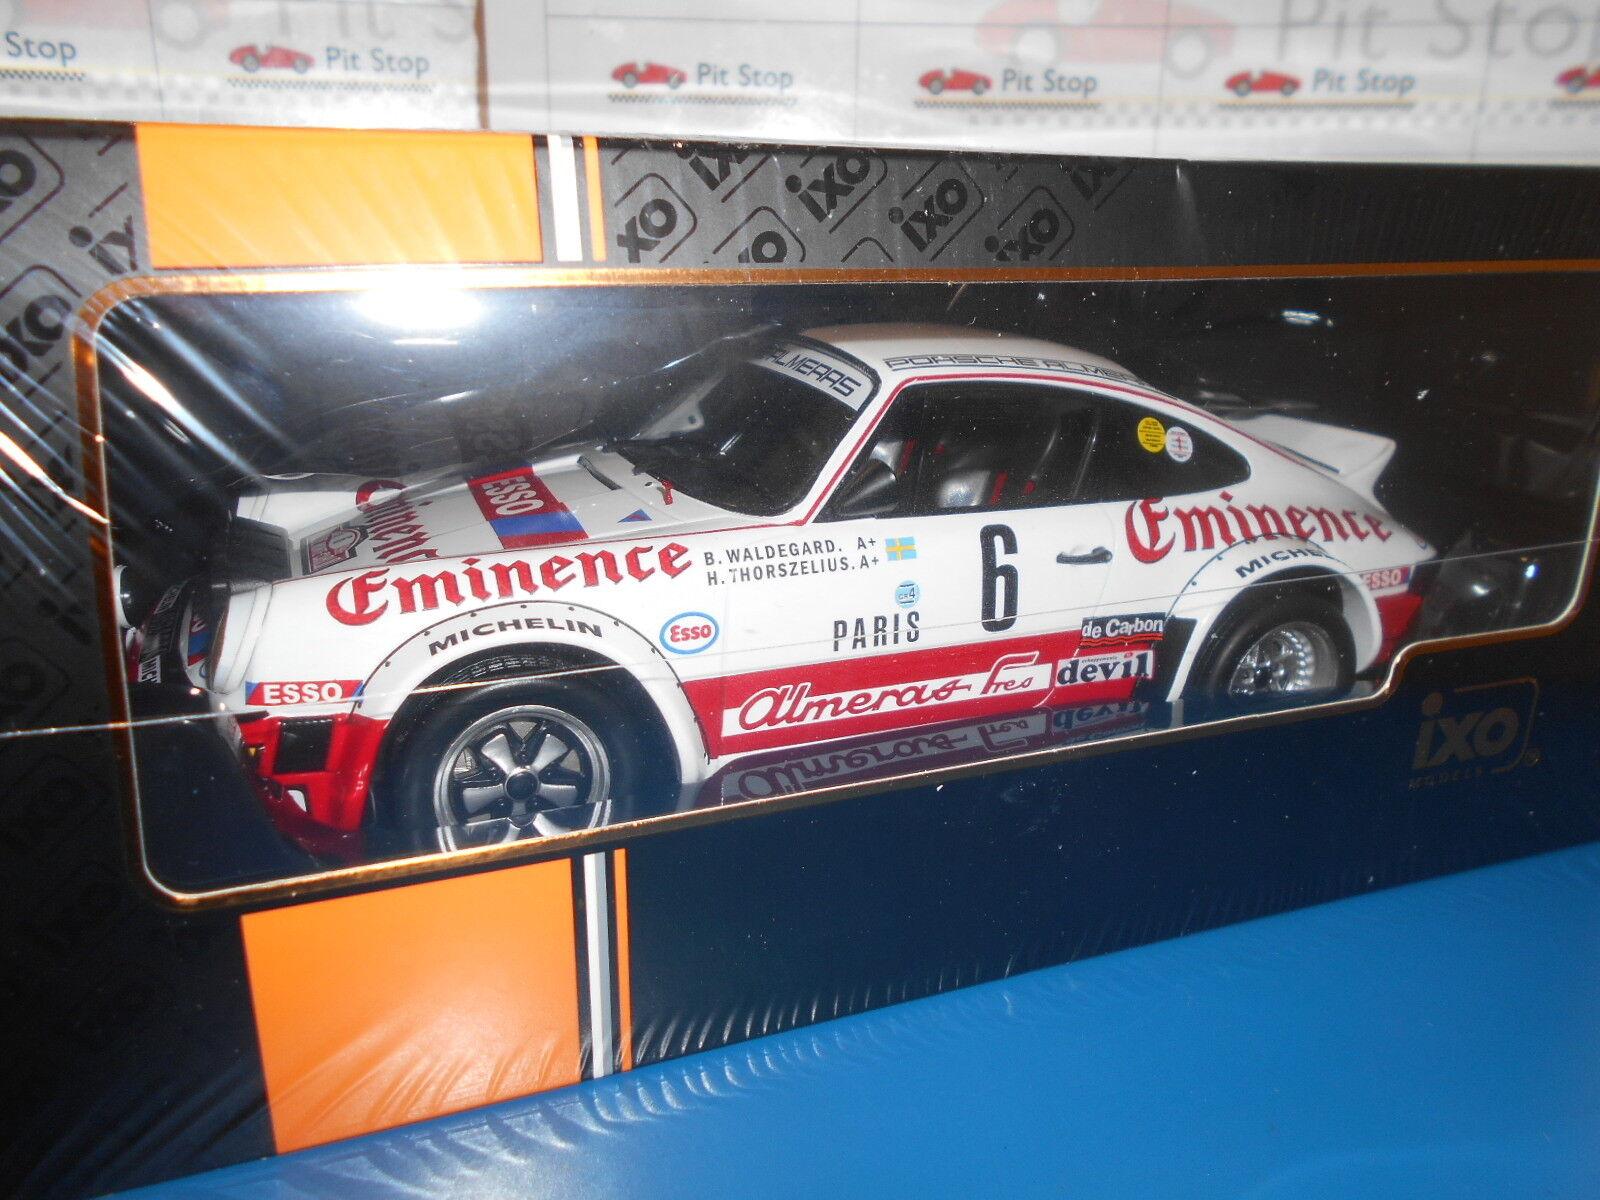 IXO18RMC008 by IXO PORSCHE 911 SC MONTECARLO 1982 1 18